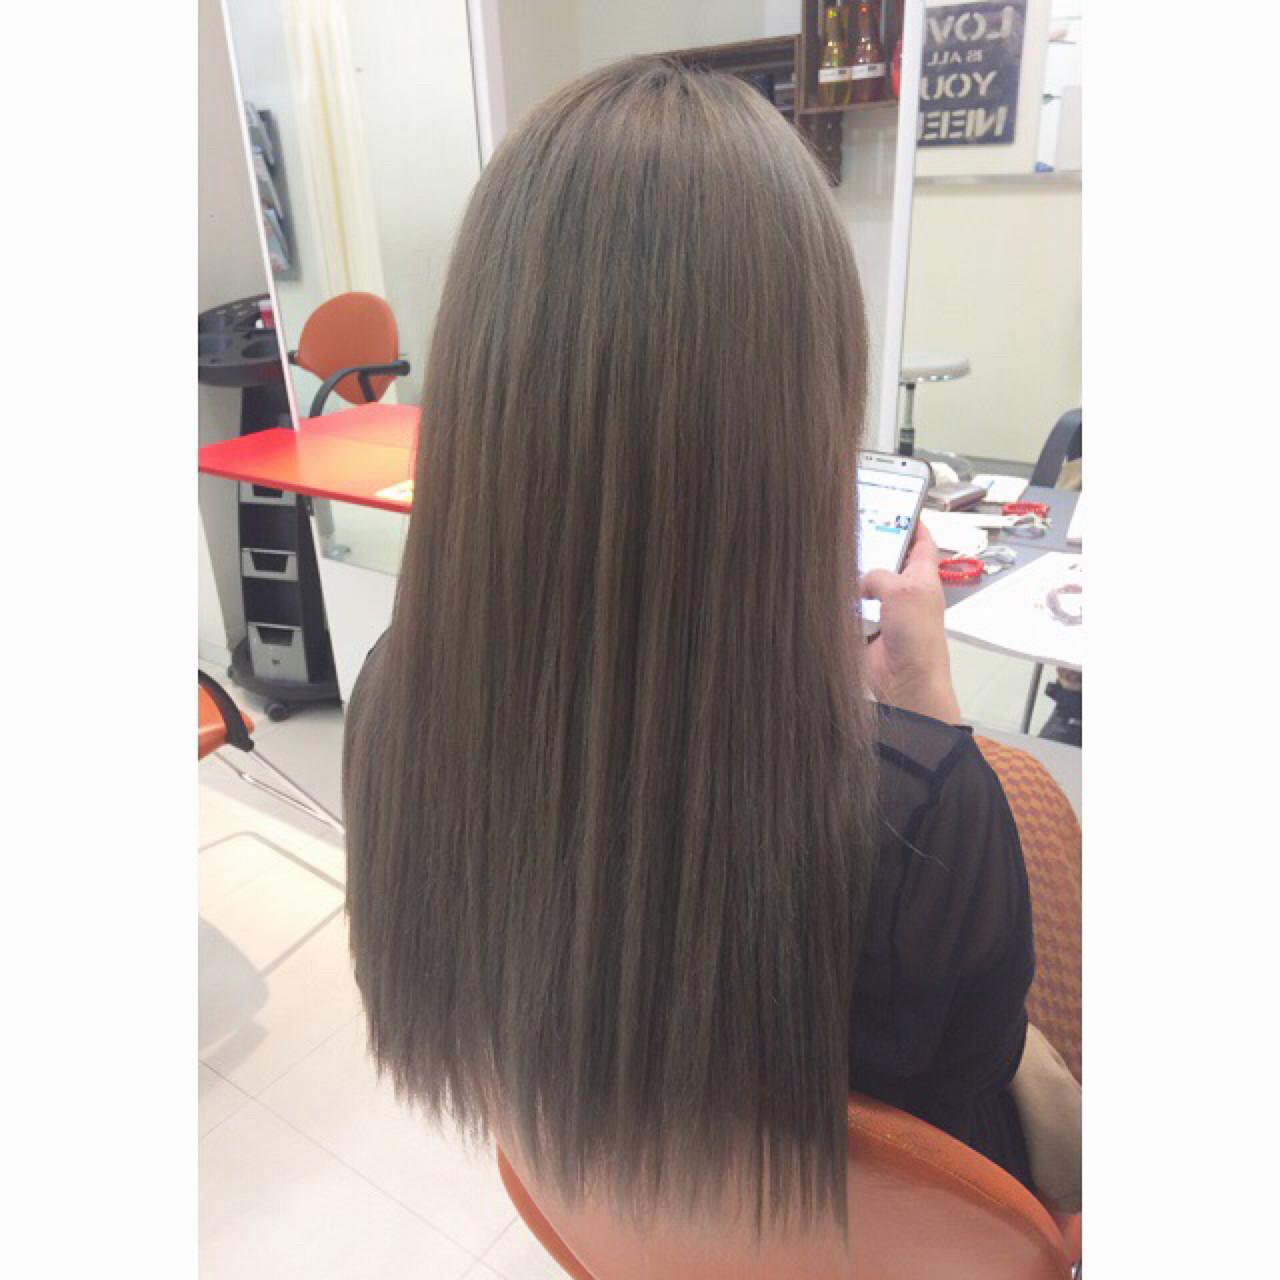 ロング ストレート ブリーチ ミルクティー ヘアスタイルや髪型の写真・画像